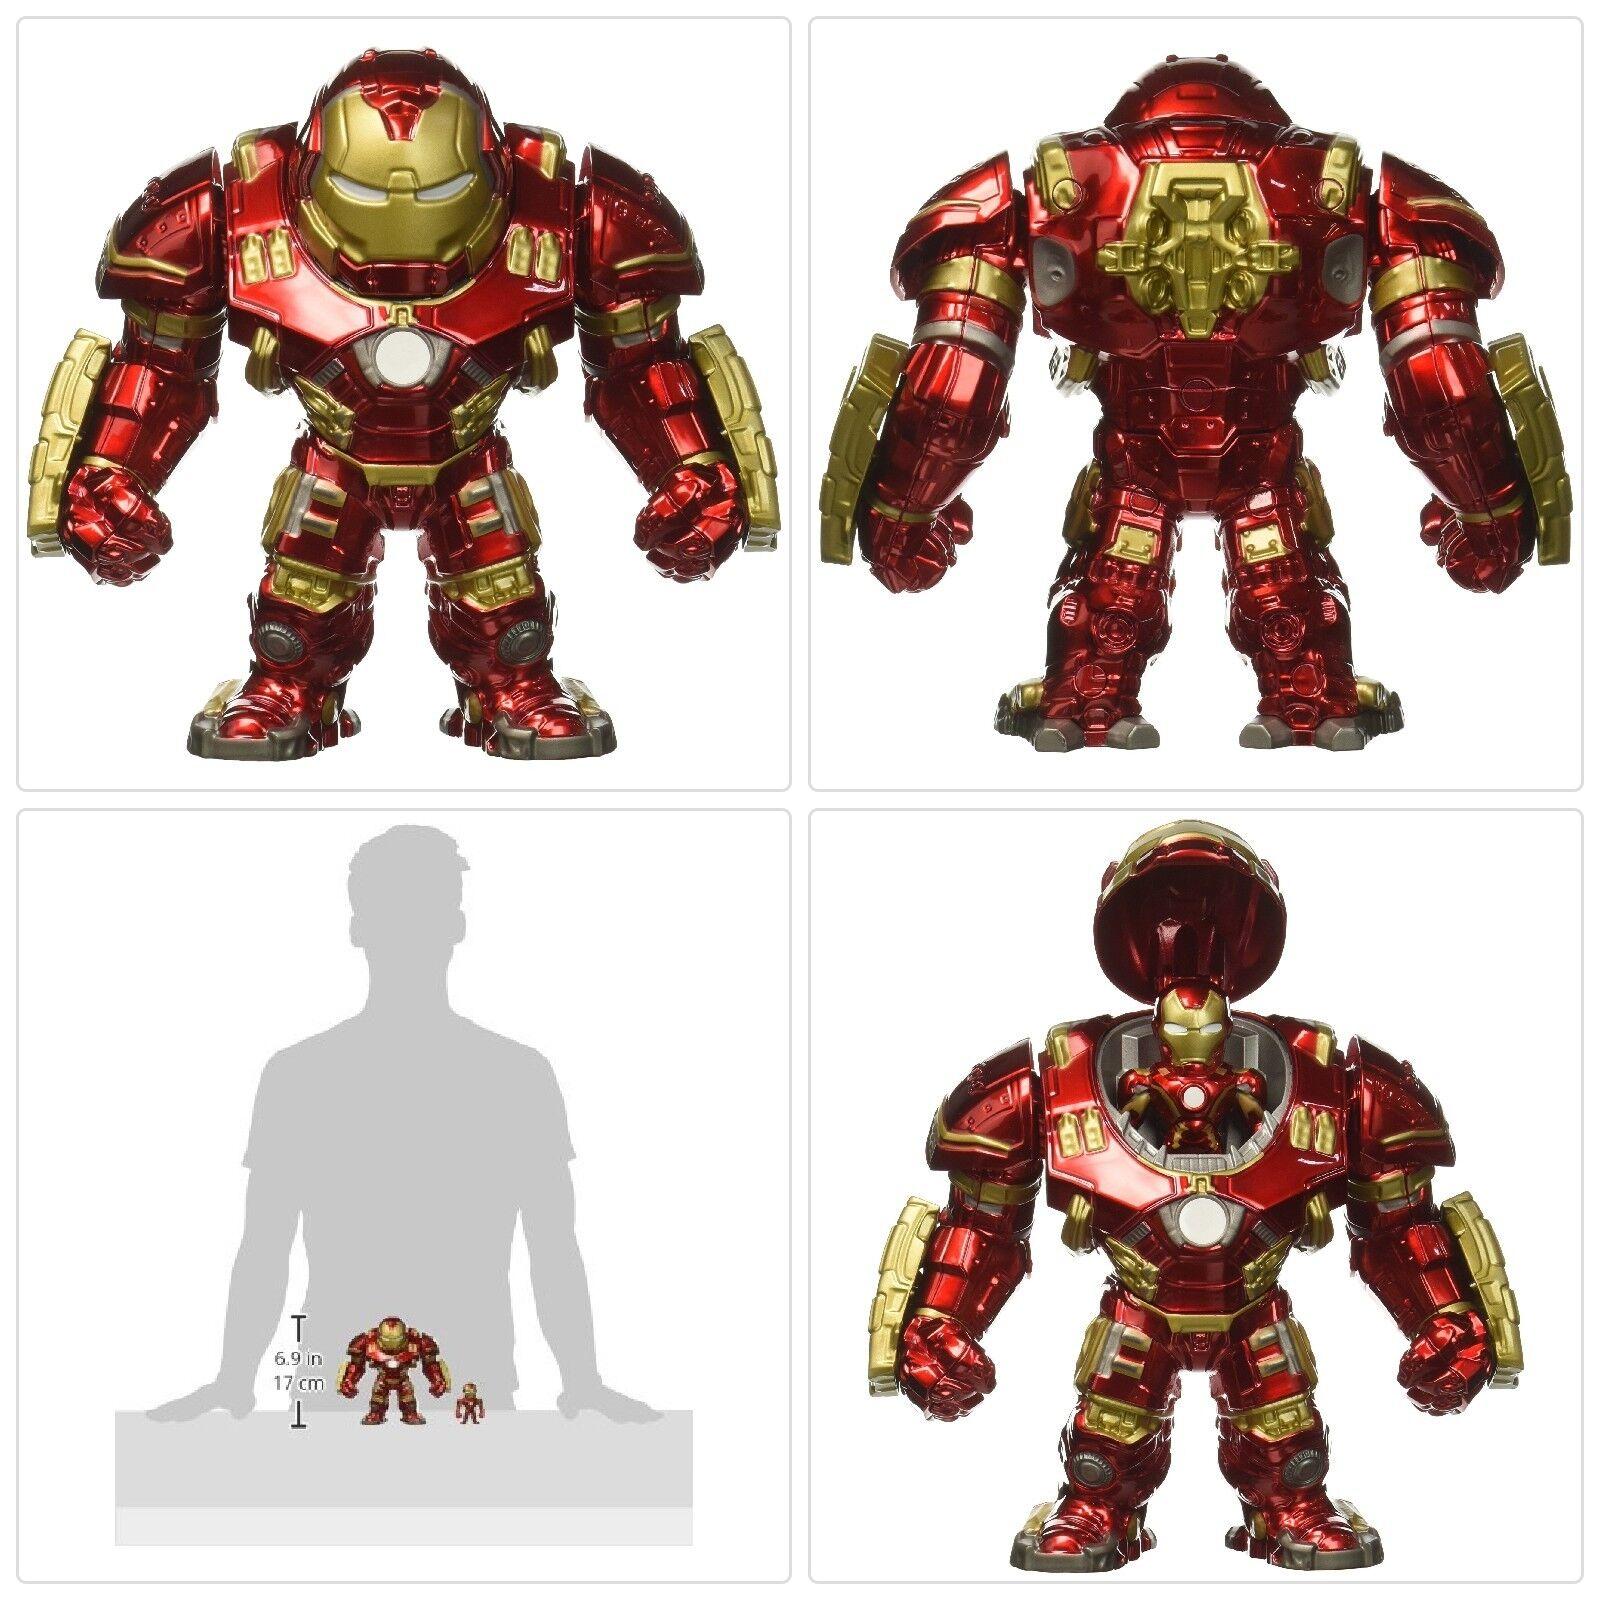 Jada marvel avengers  alter ultron - 6